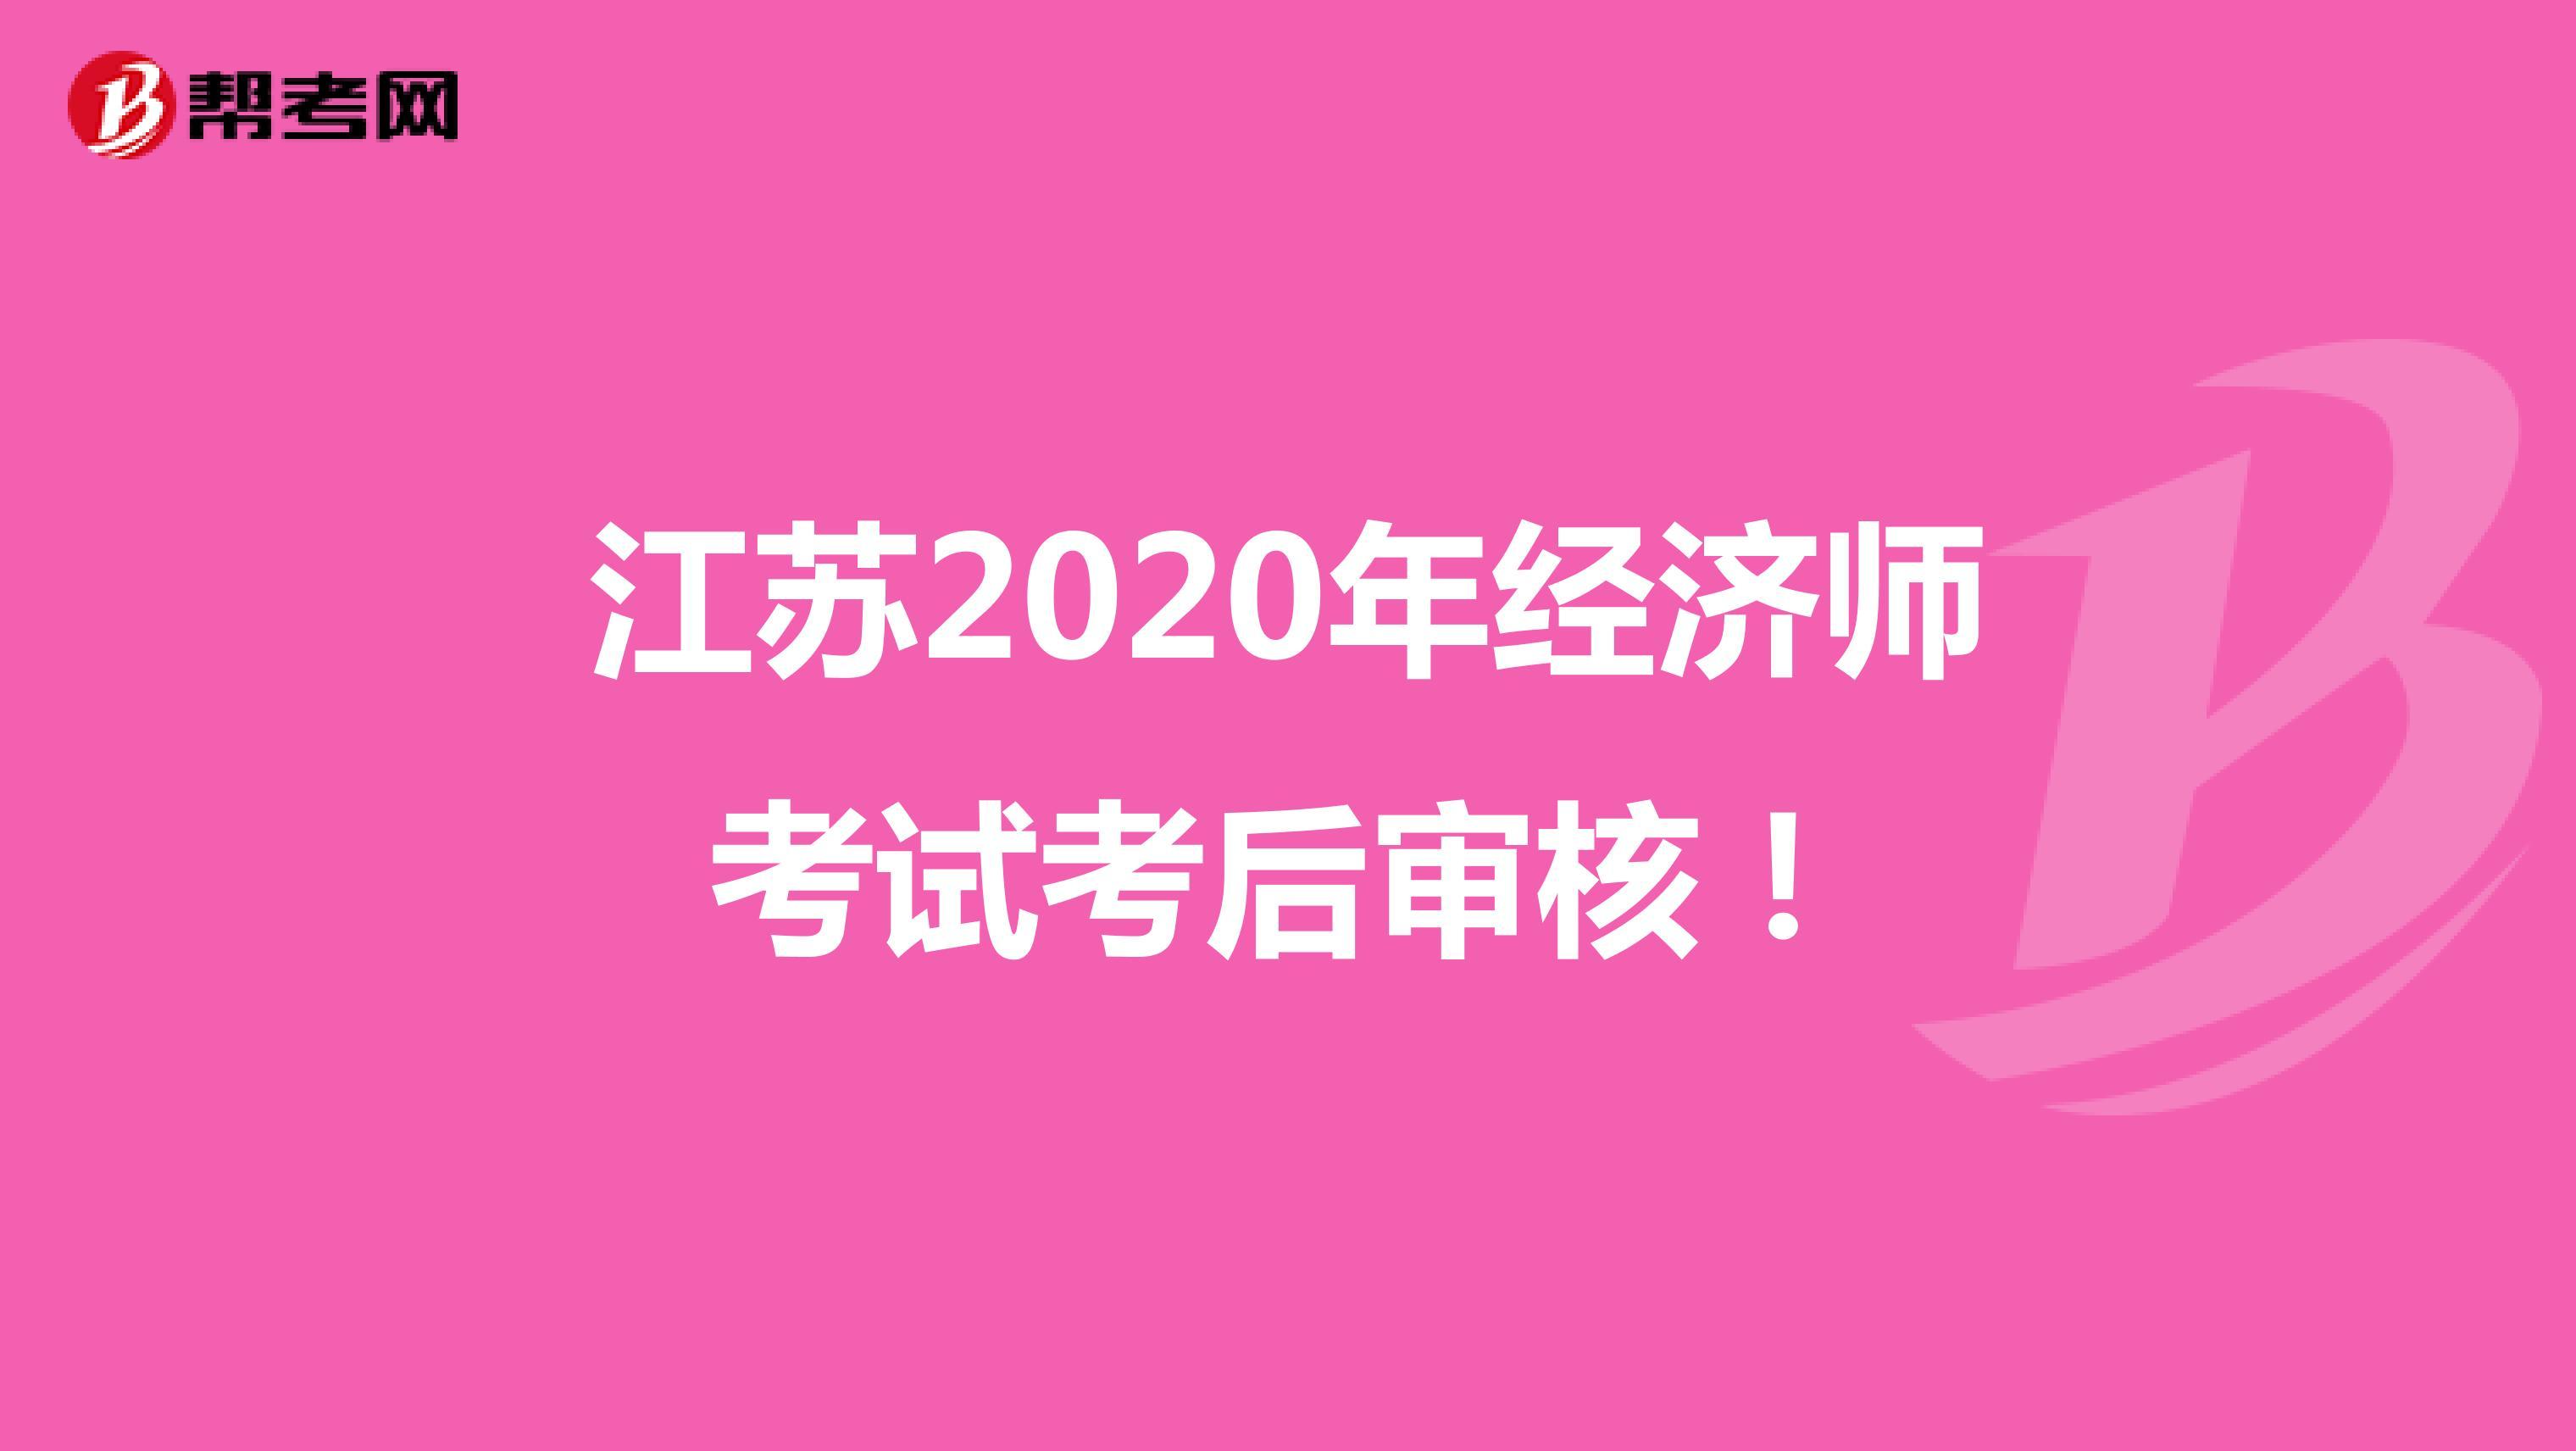 江蘇2020年初級經濟師考試考后審核!